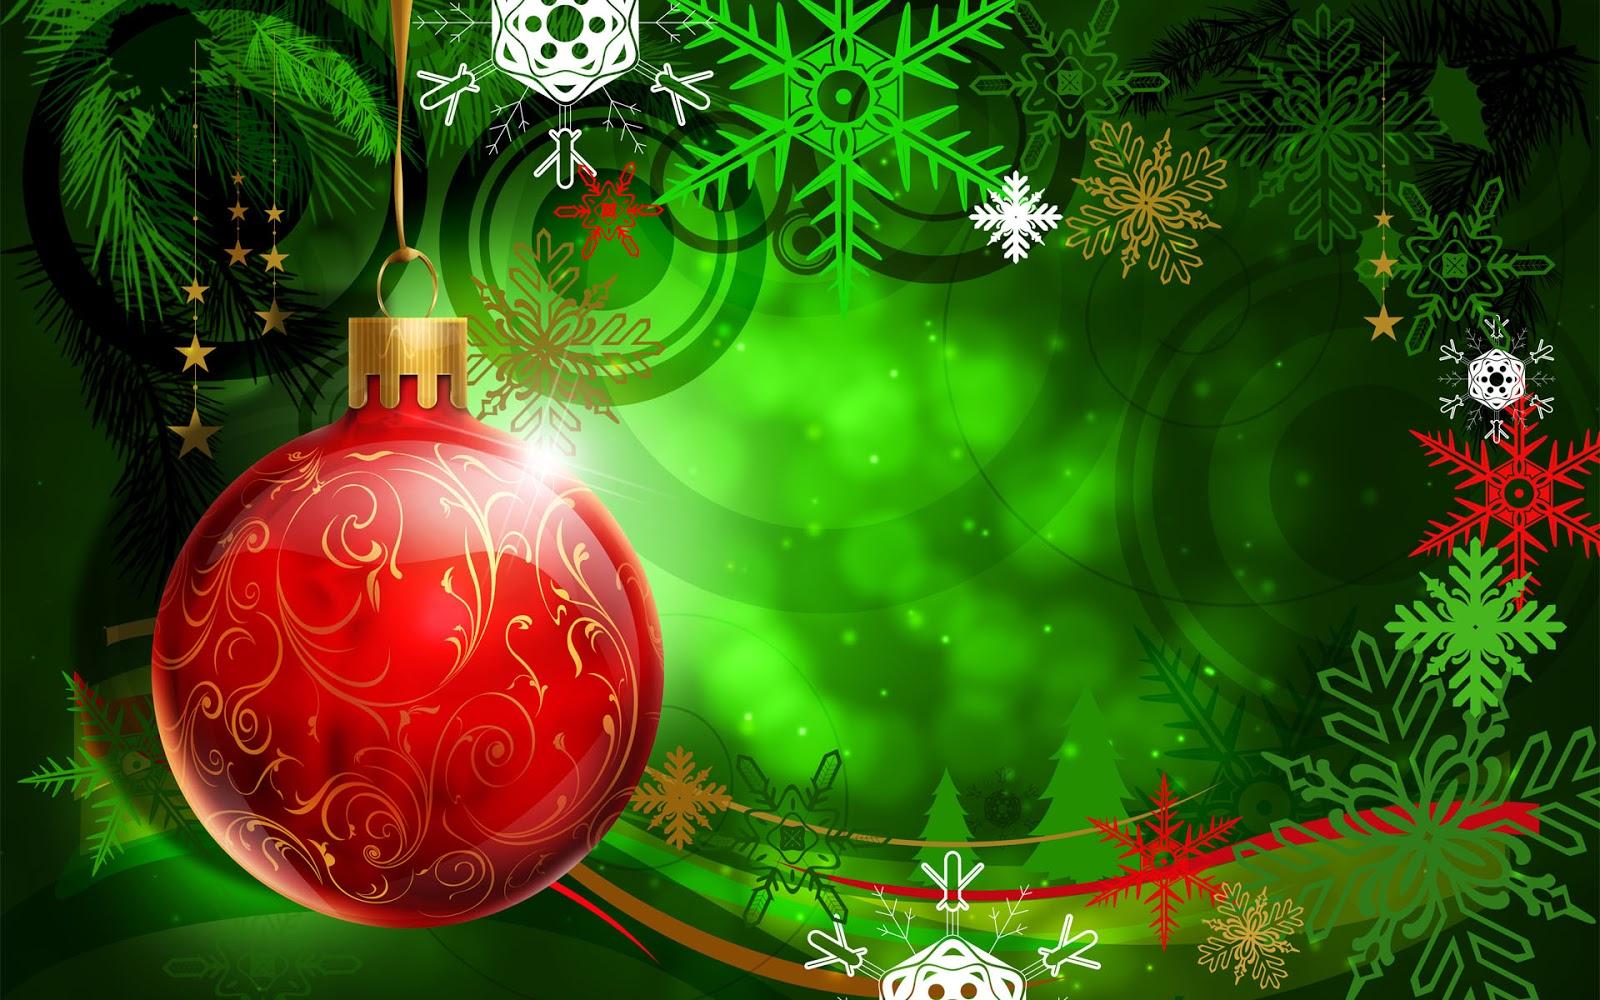 Home > Holidays HD Wallpapers > Christmas Screensavers